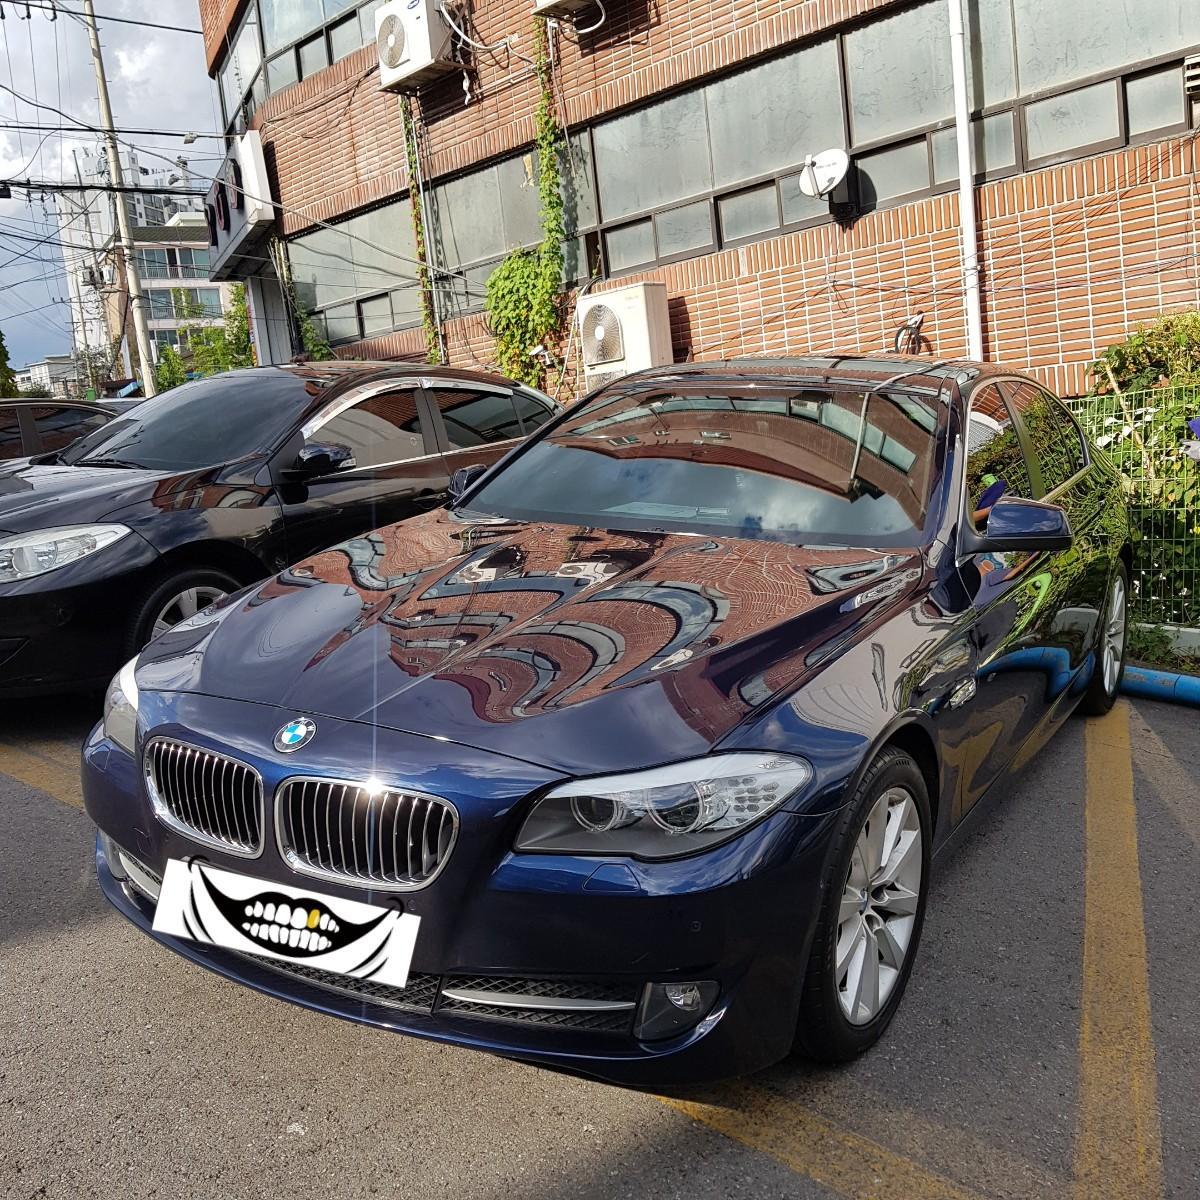 BMW 528I 일반넘버 카쉐어링 렌트 - 0